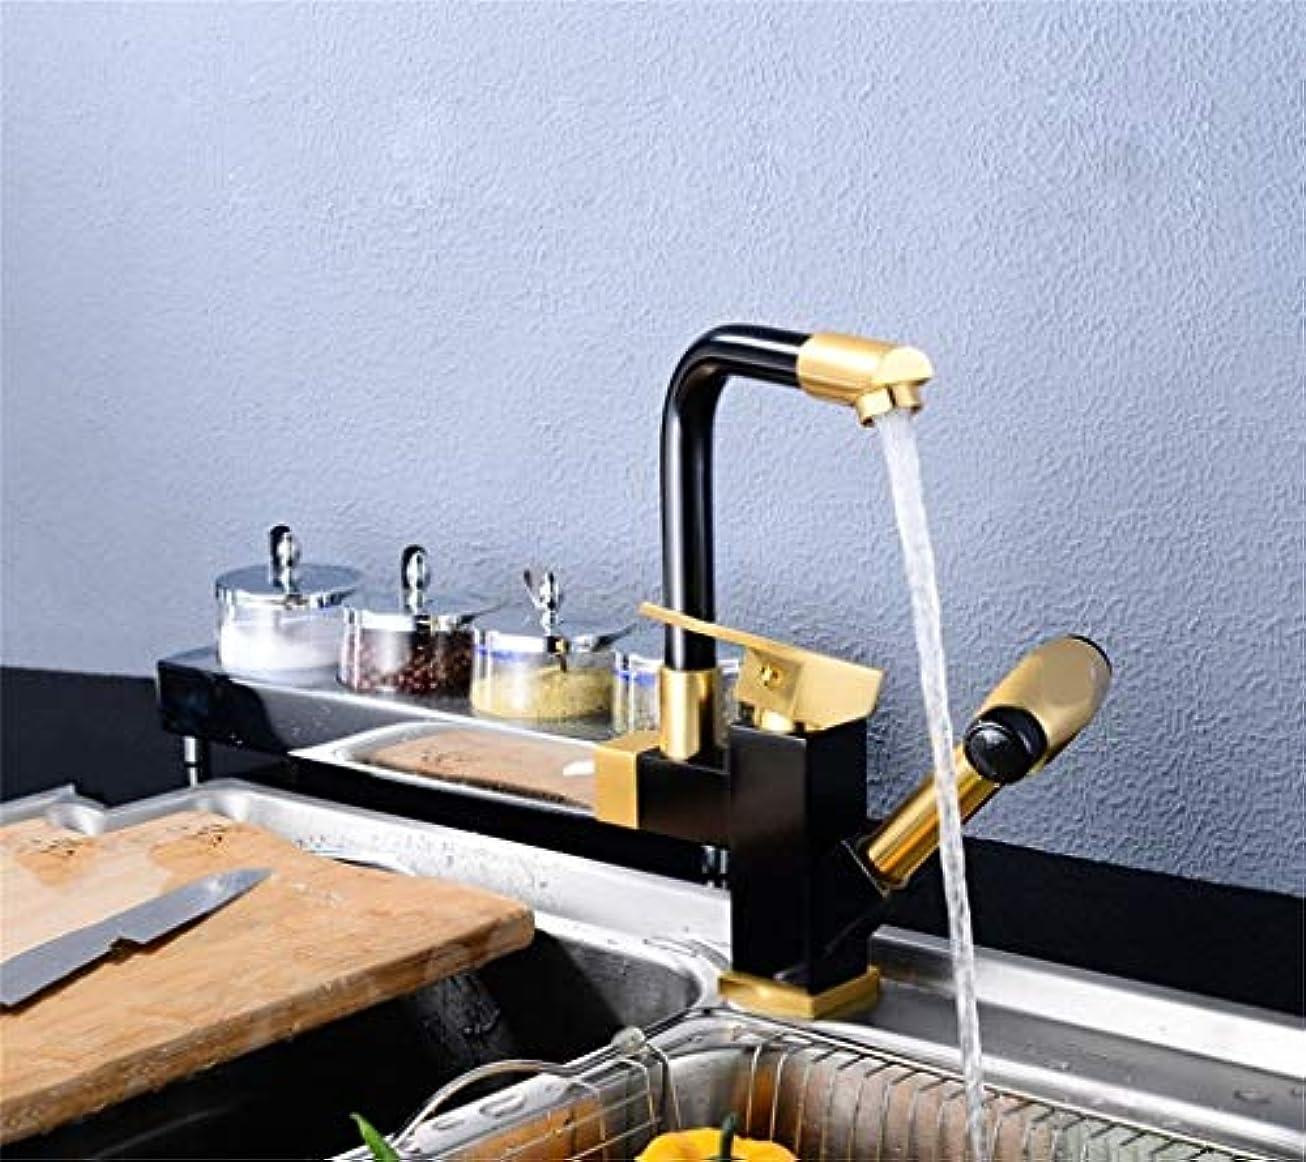 バンジョー法律によりおとうさんキッチン/バスルーム/デッサン用/ 360°回転蛇口/セラミックスプール+スペースアルミ材/ダブルヘッドウォーター/格納式 作りが精巧である